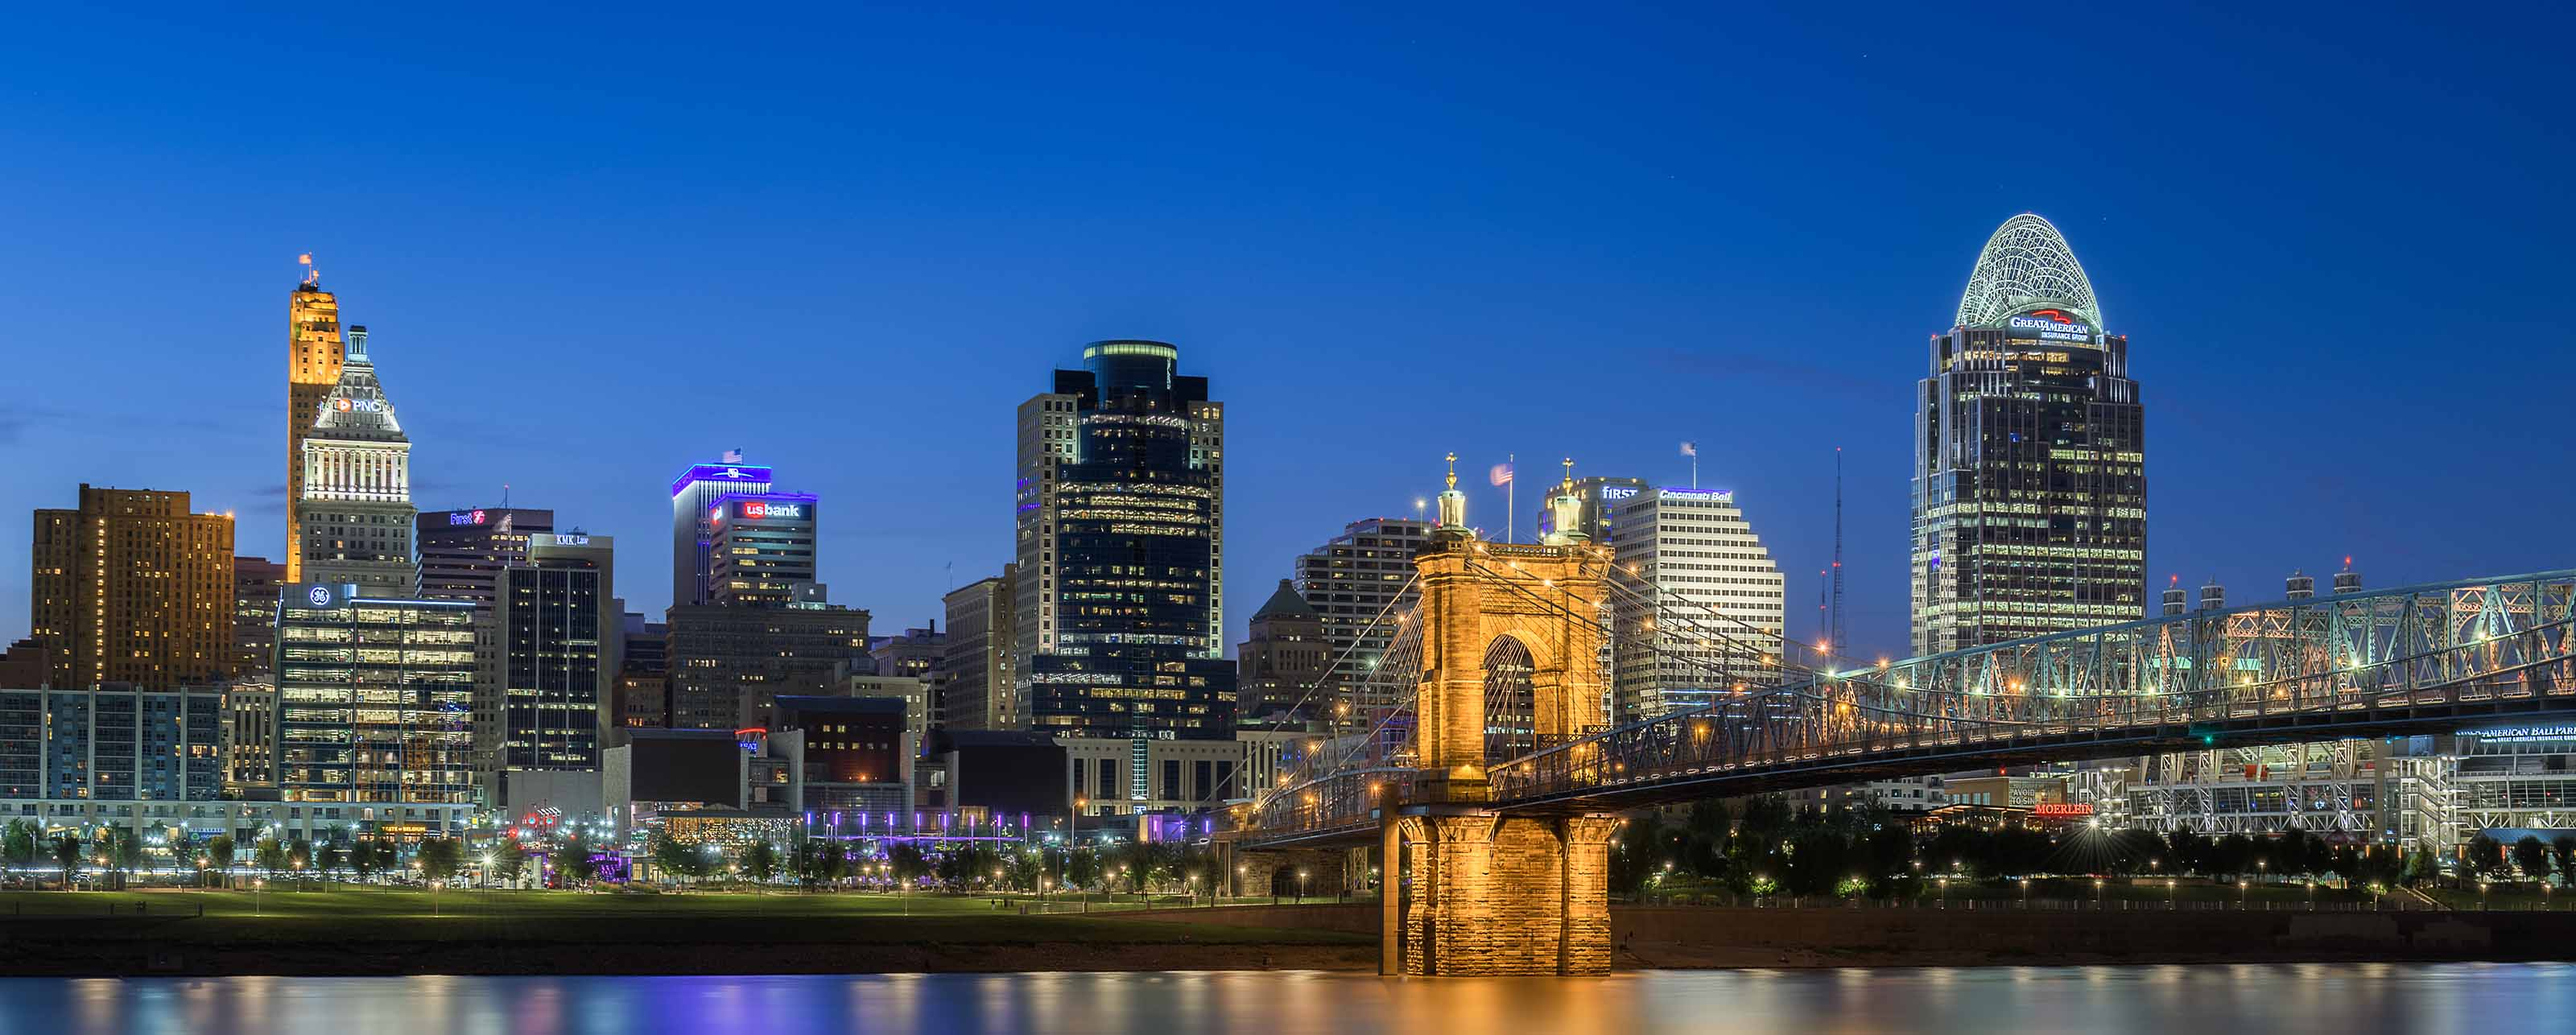 City of Cincinnati | GE Digital